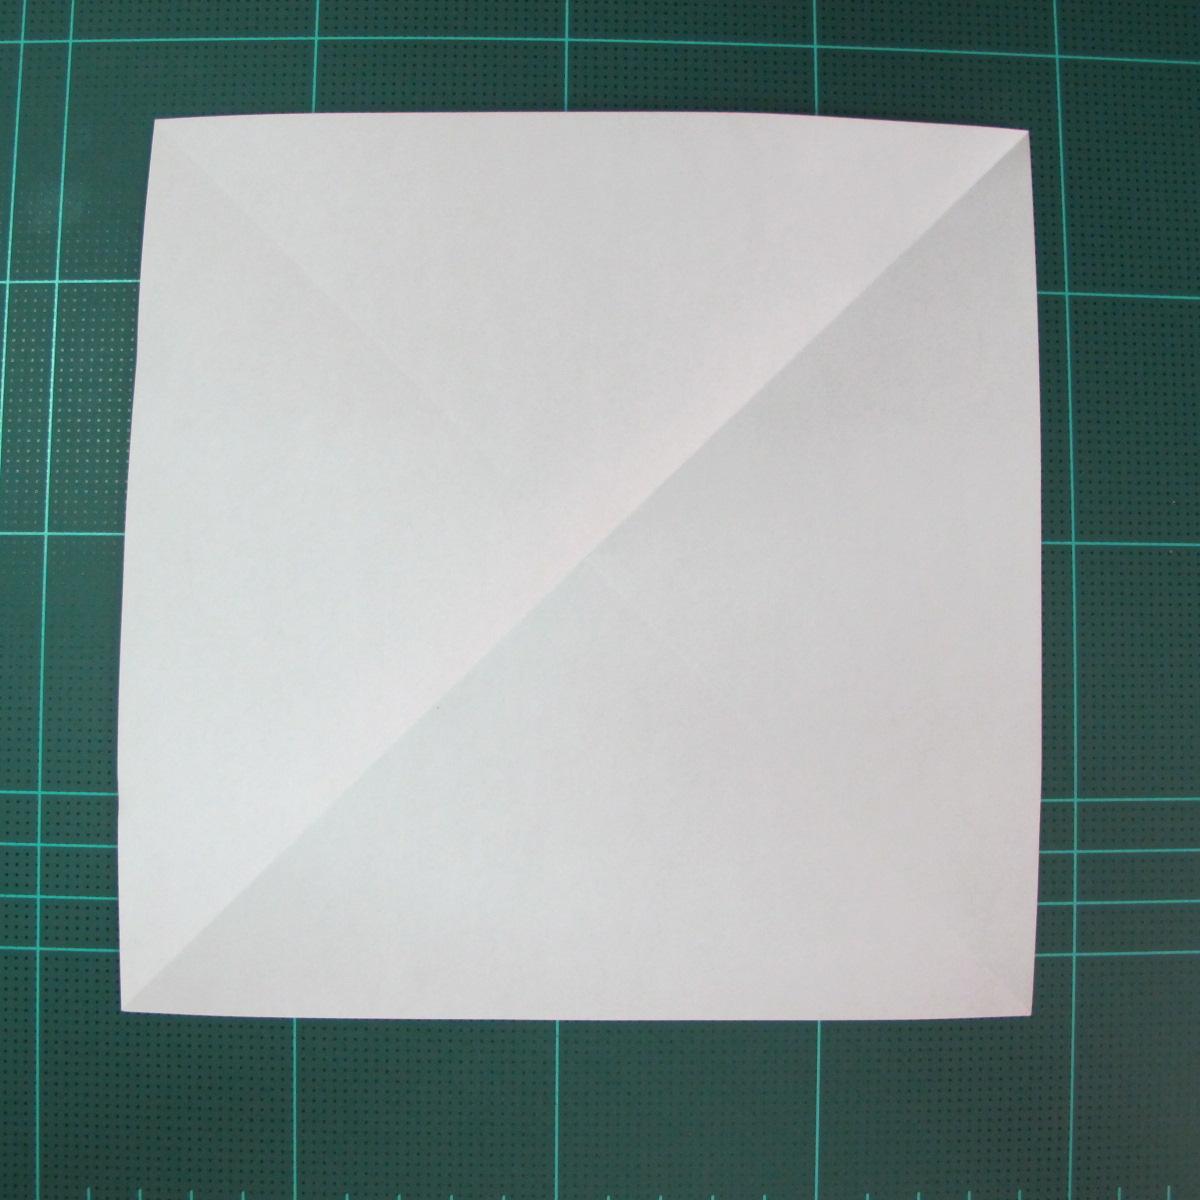 วิธีการพับกระดาษรูปม้าน้ำ (Origami Seahorse) 003